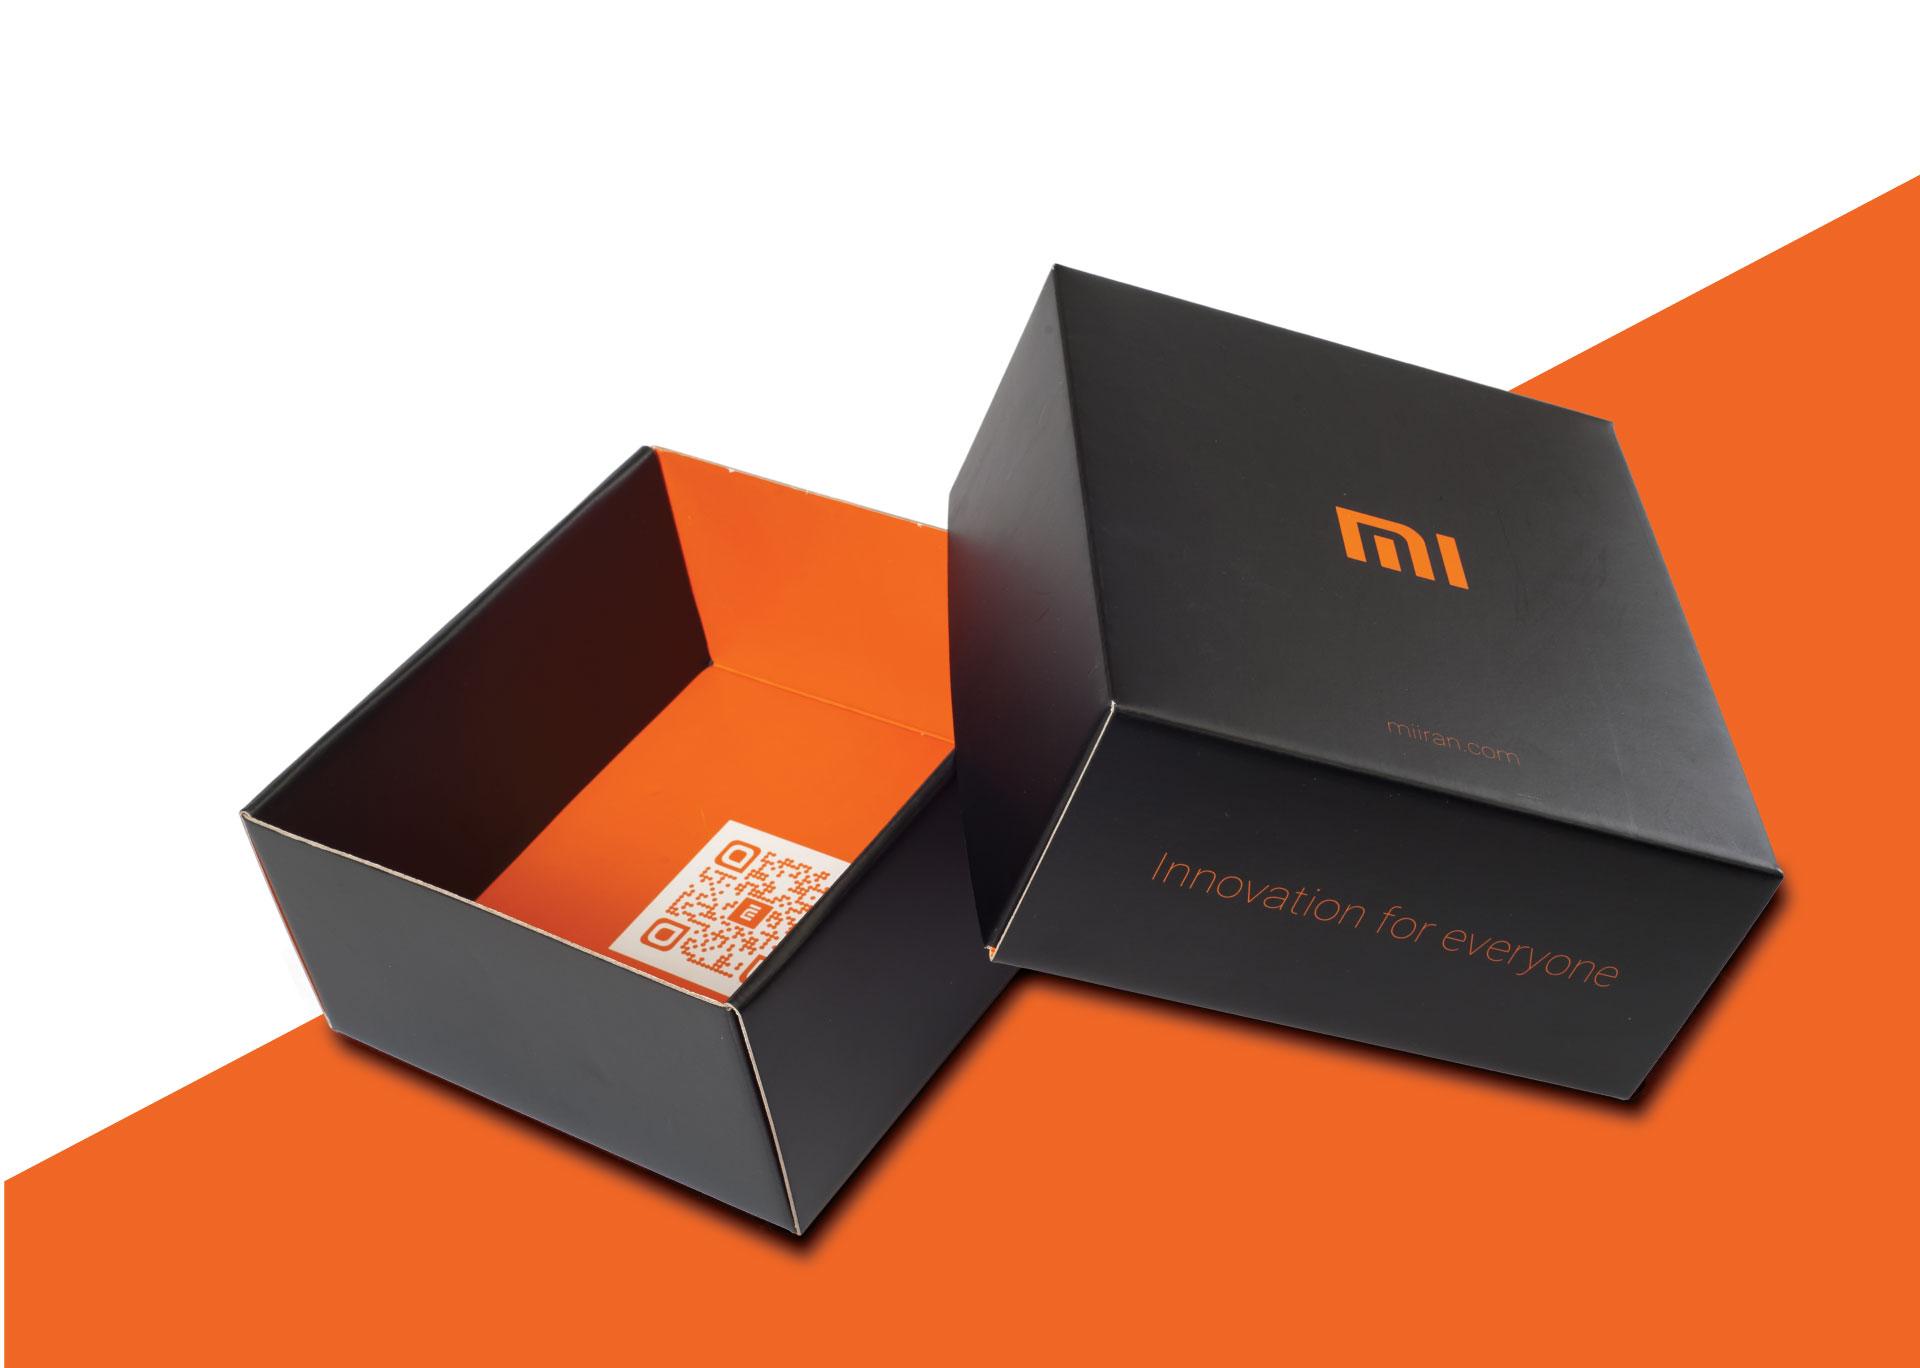 پنج نوع جعبه که میتوانید برای بسته بندی کالای خود انتخاب کنید!